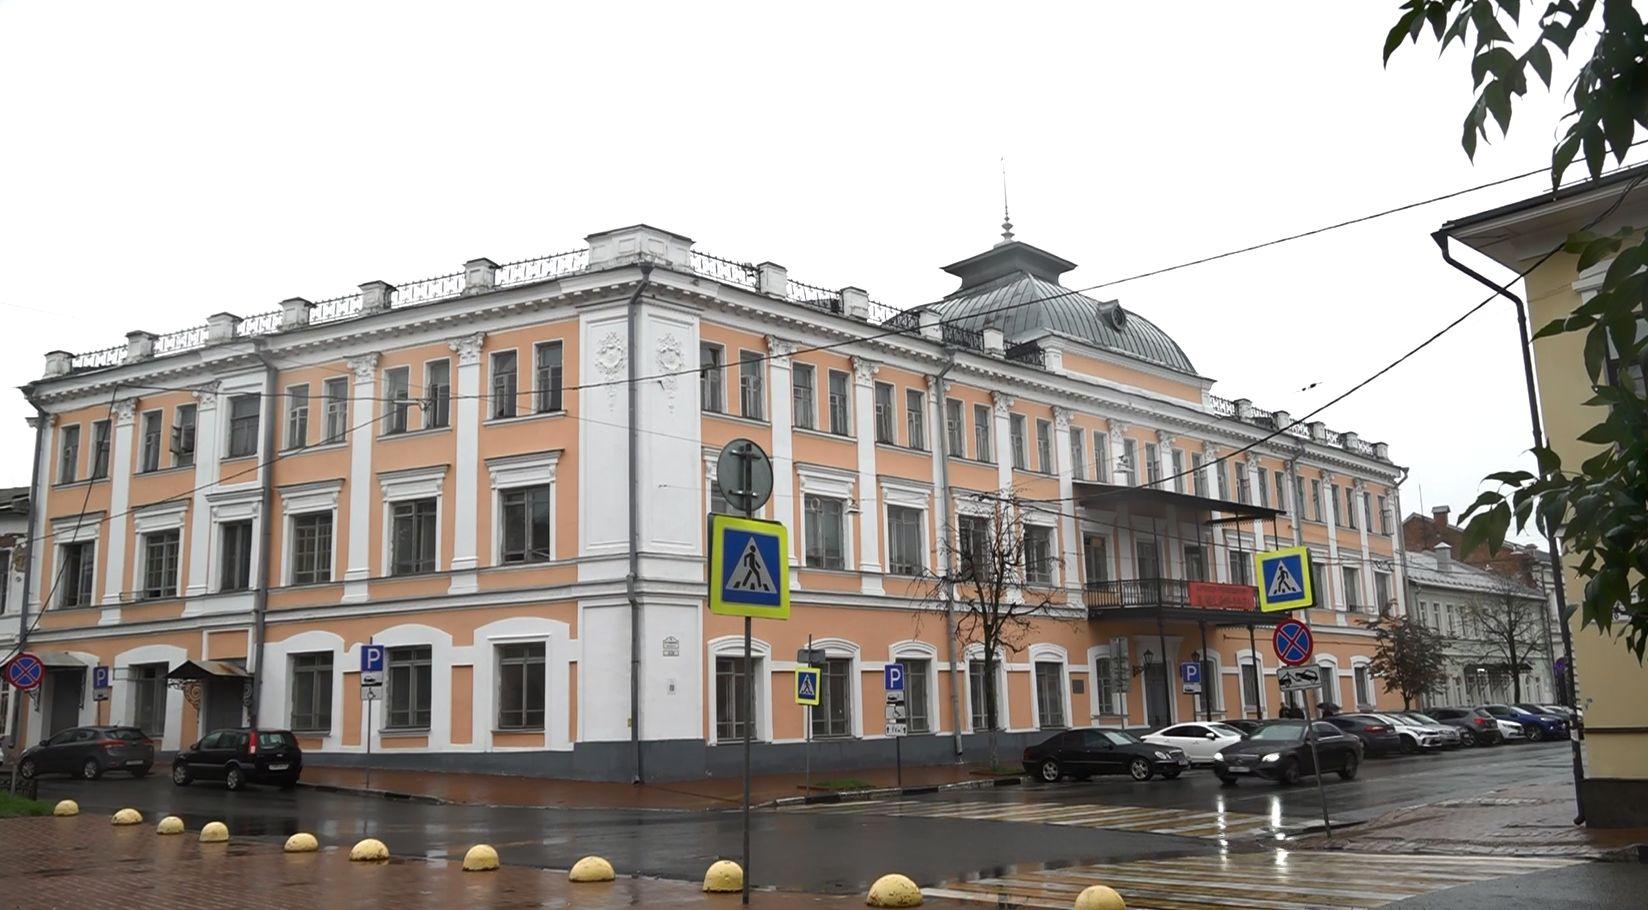 Ярославцы возмущены очередным сносом исторической застройки города